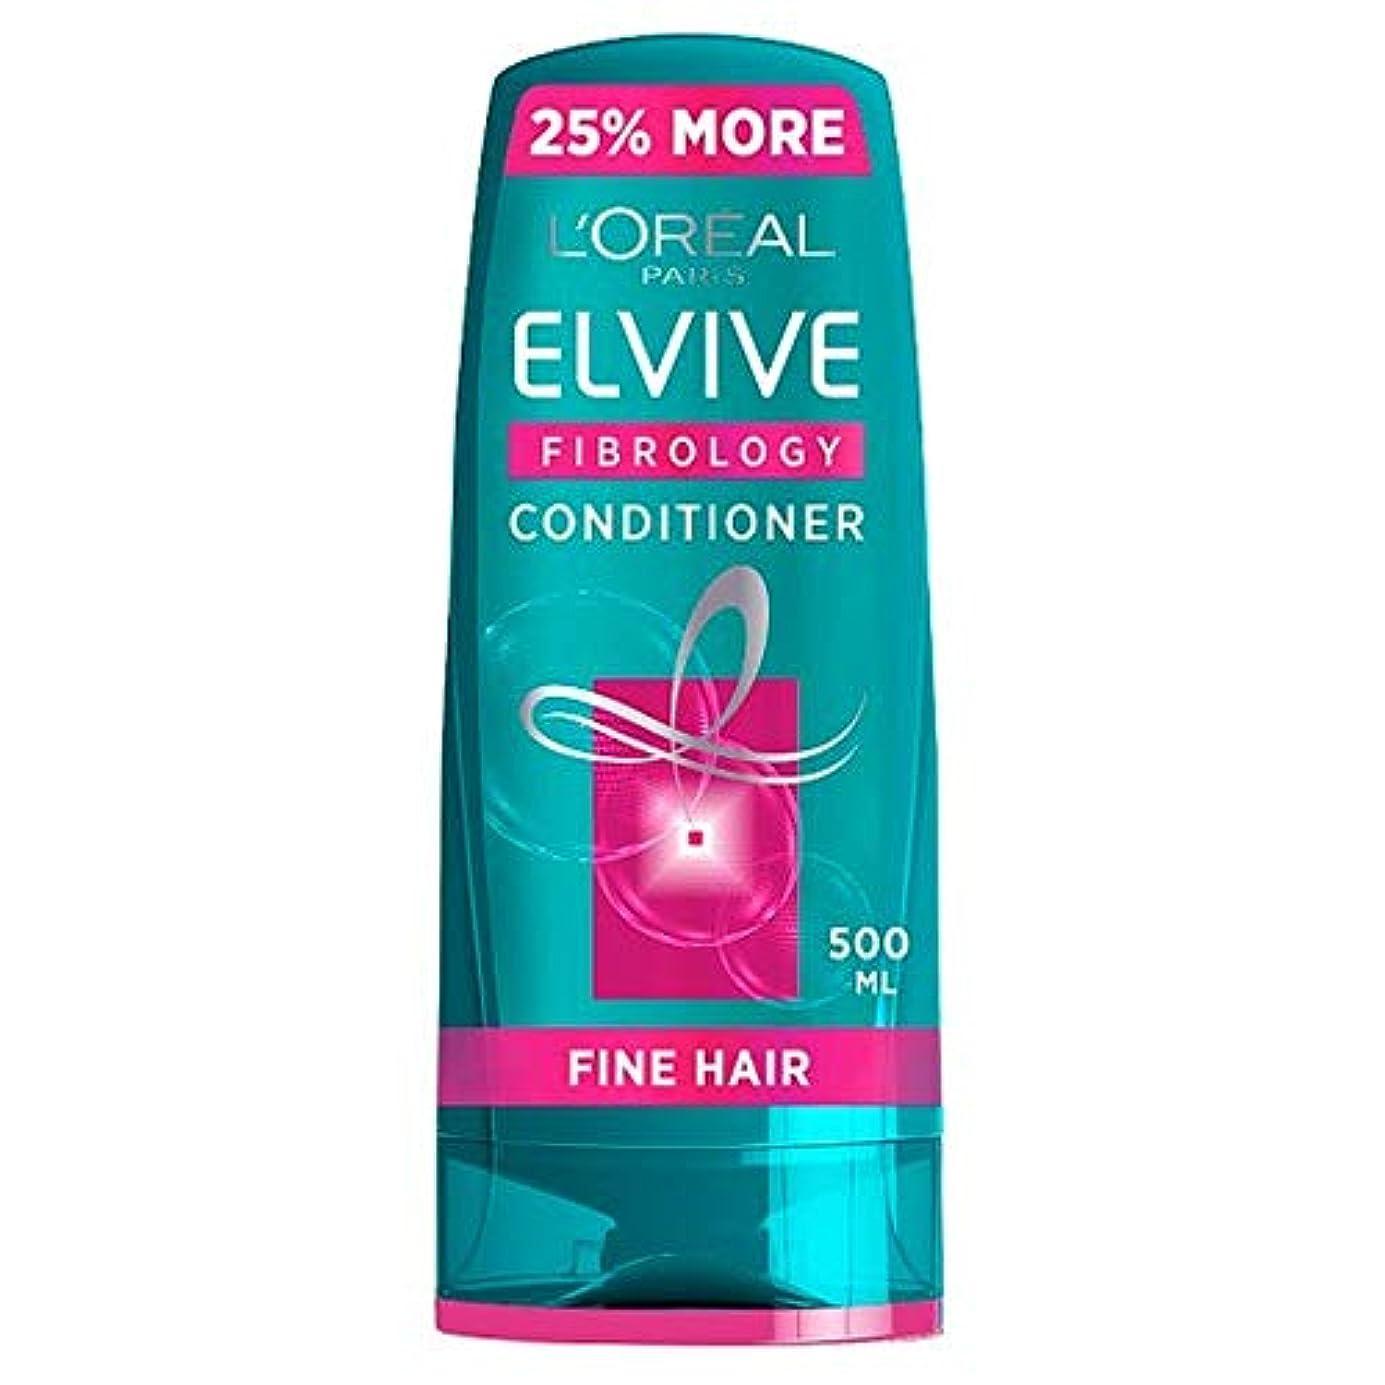 のぞき見知覚的経歴[Elvive] ロレアルElvive Fibroligy細いヘアコンディショナー500ミリリットル - L'oreal Elvive Fibroligy Fine Hair Conditioner 500Ml [並行輸入品]